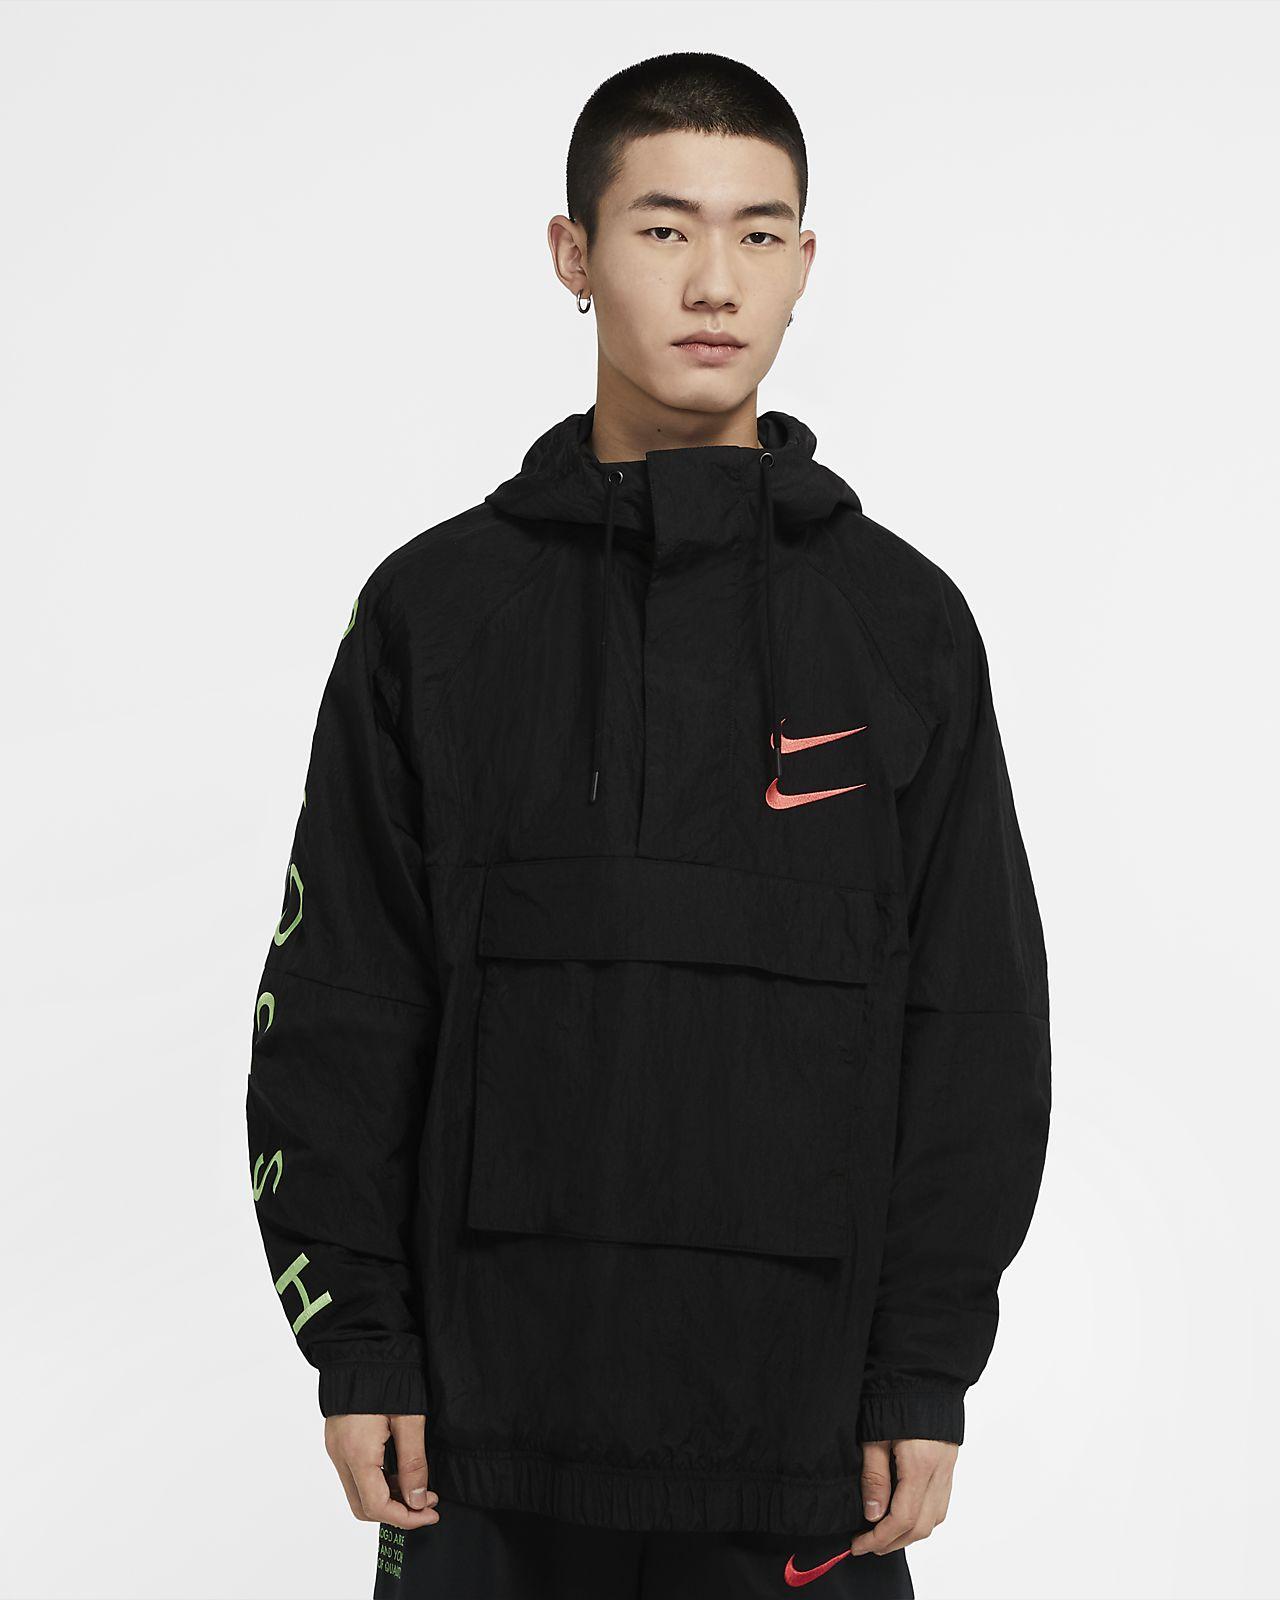 Nike Sportswear Swoosh Men's Woven Jacket